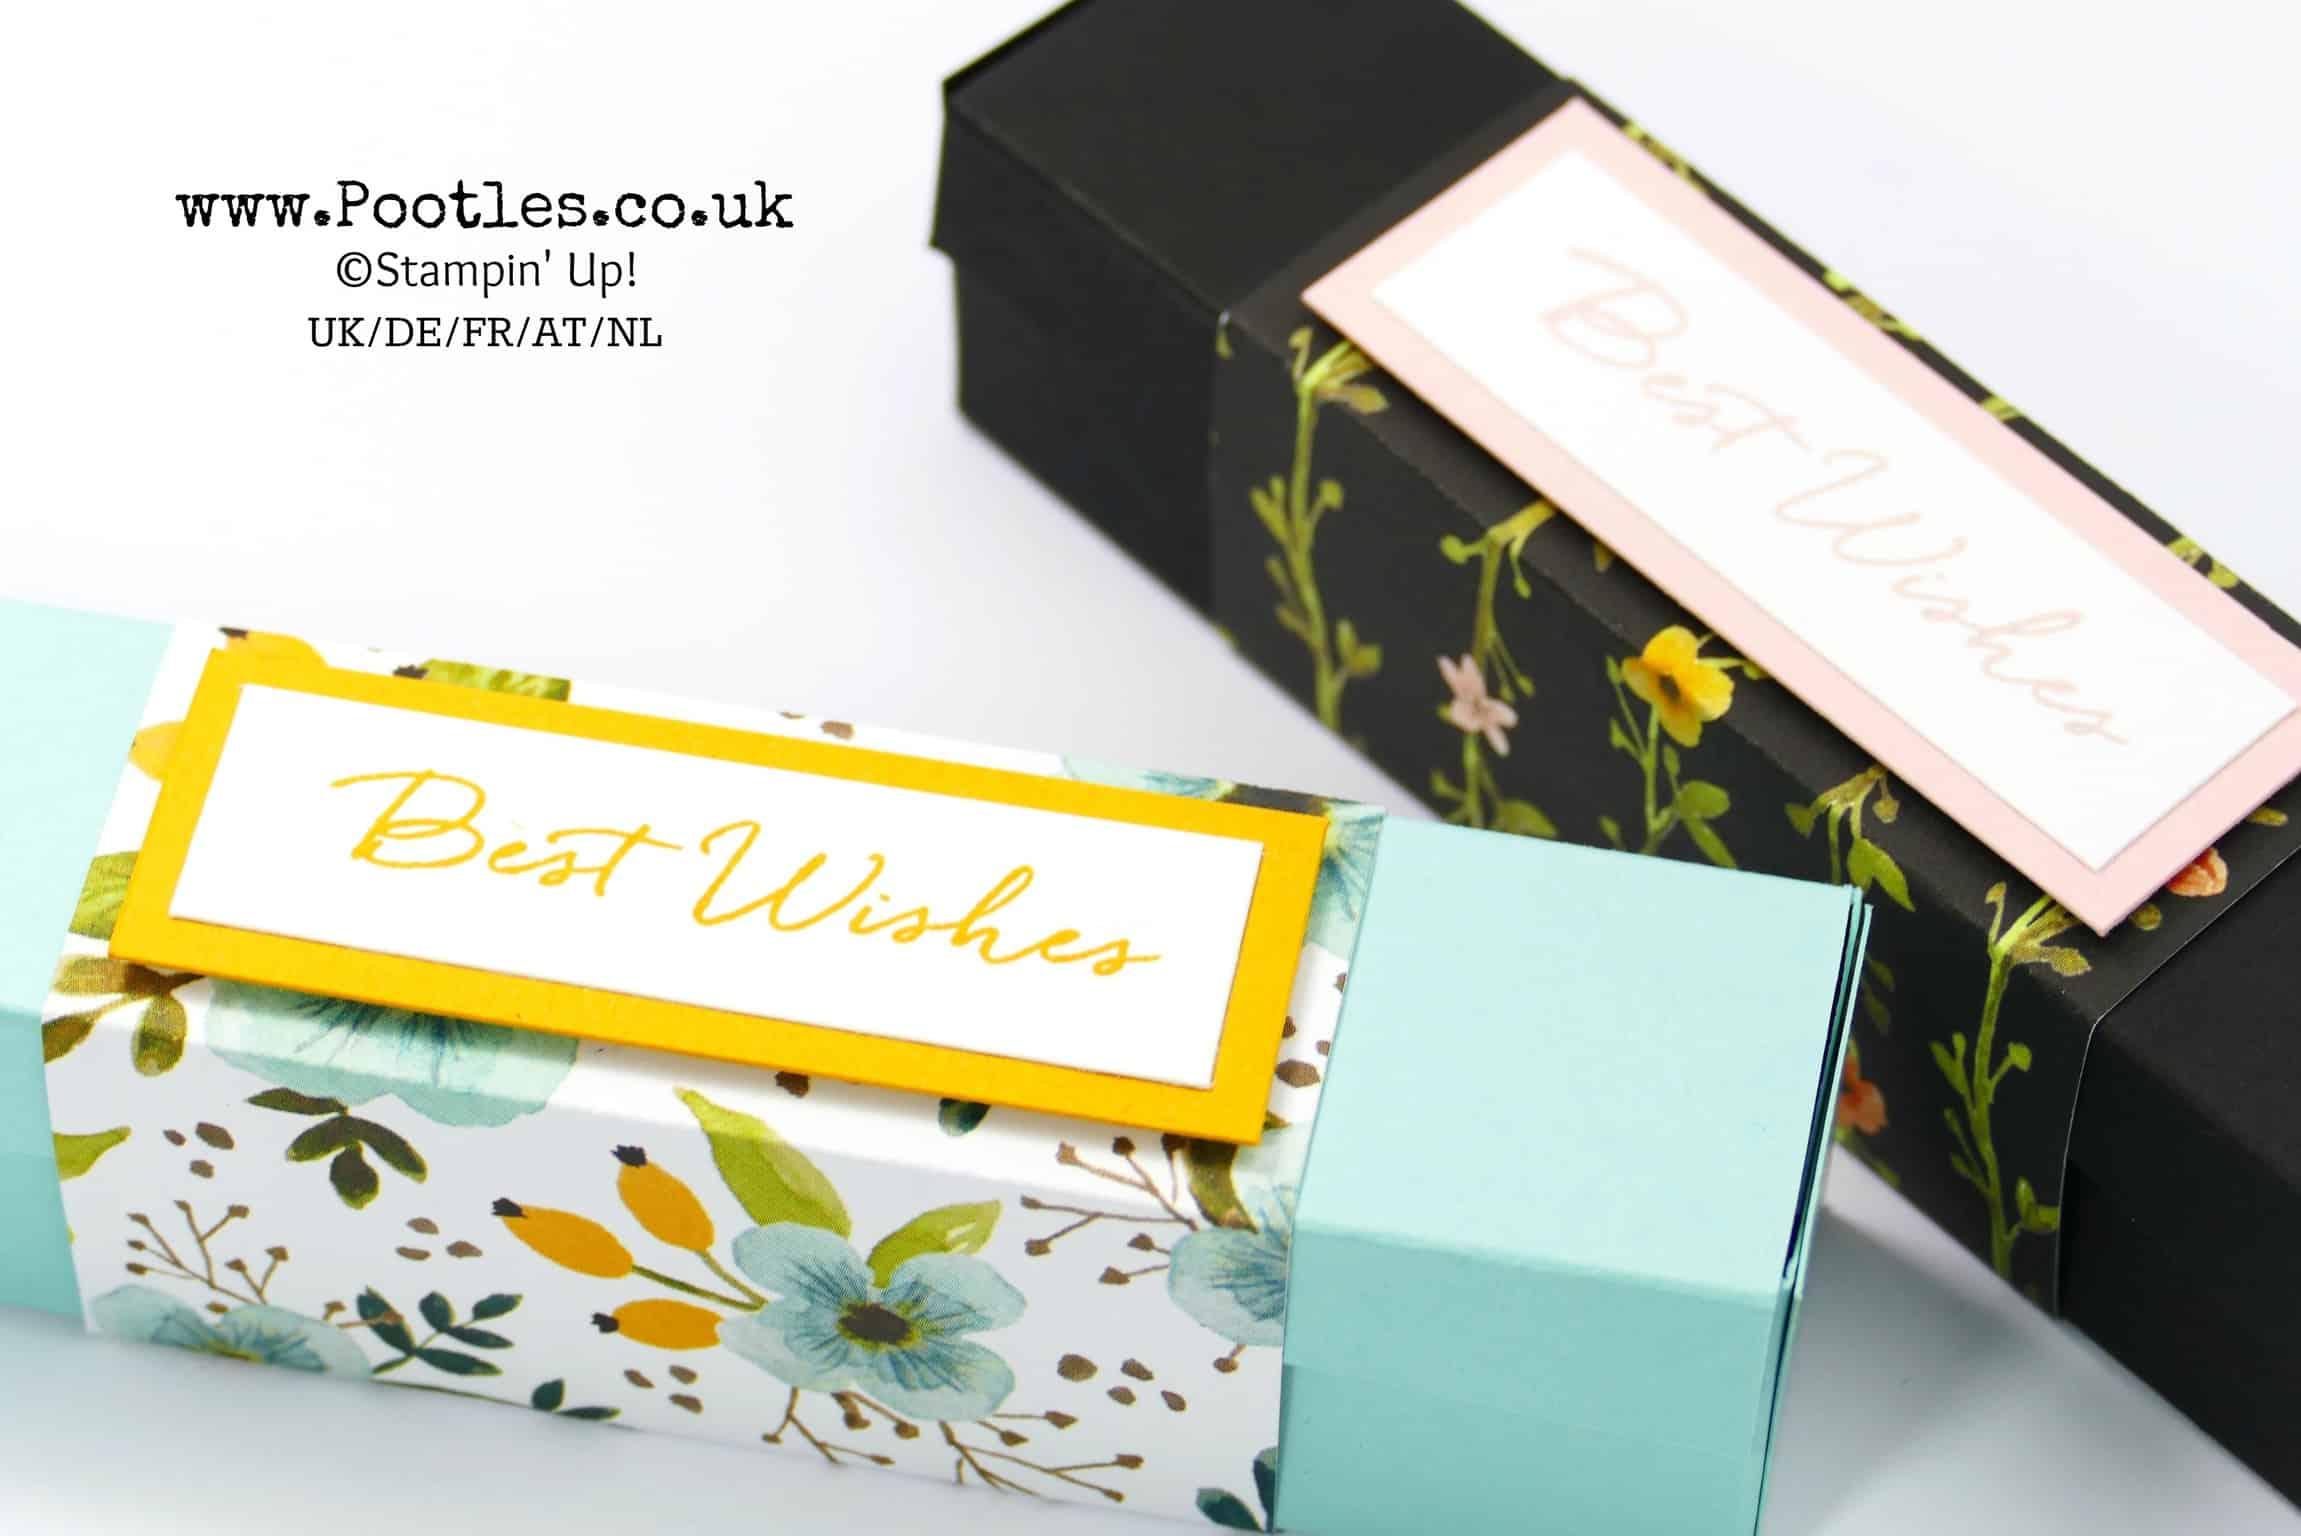 Stampin Up Demonstrator Pootles Stunning Box Using